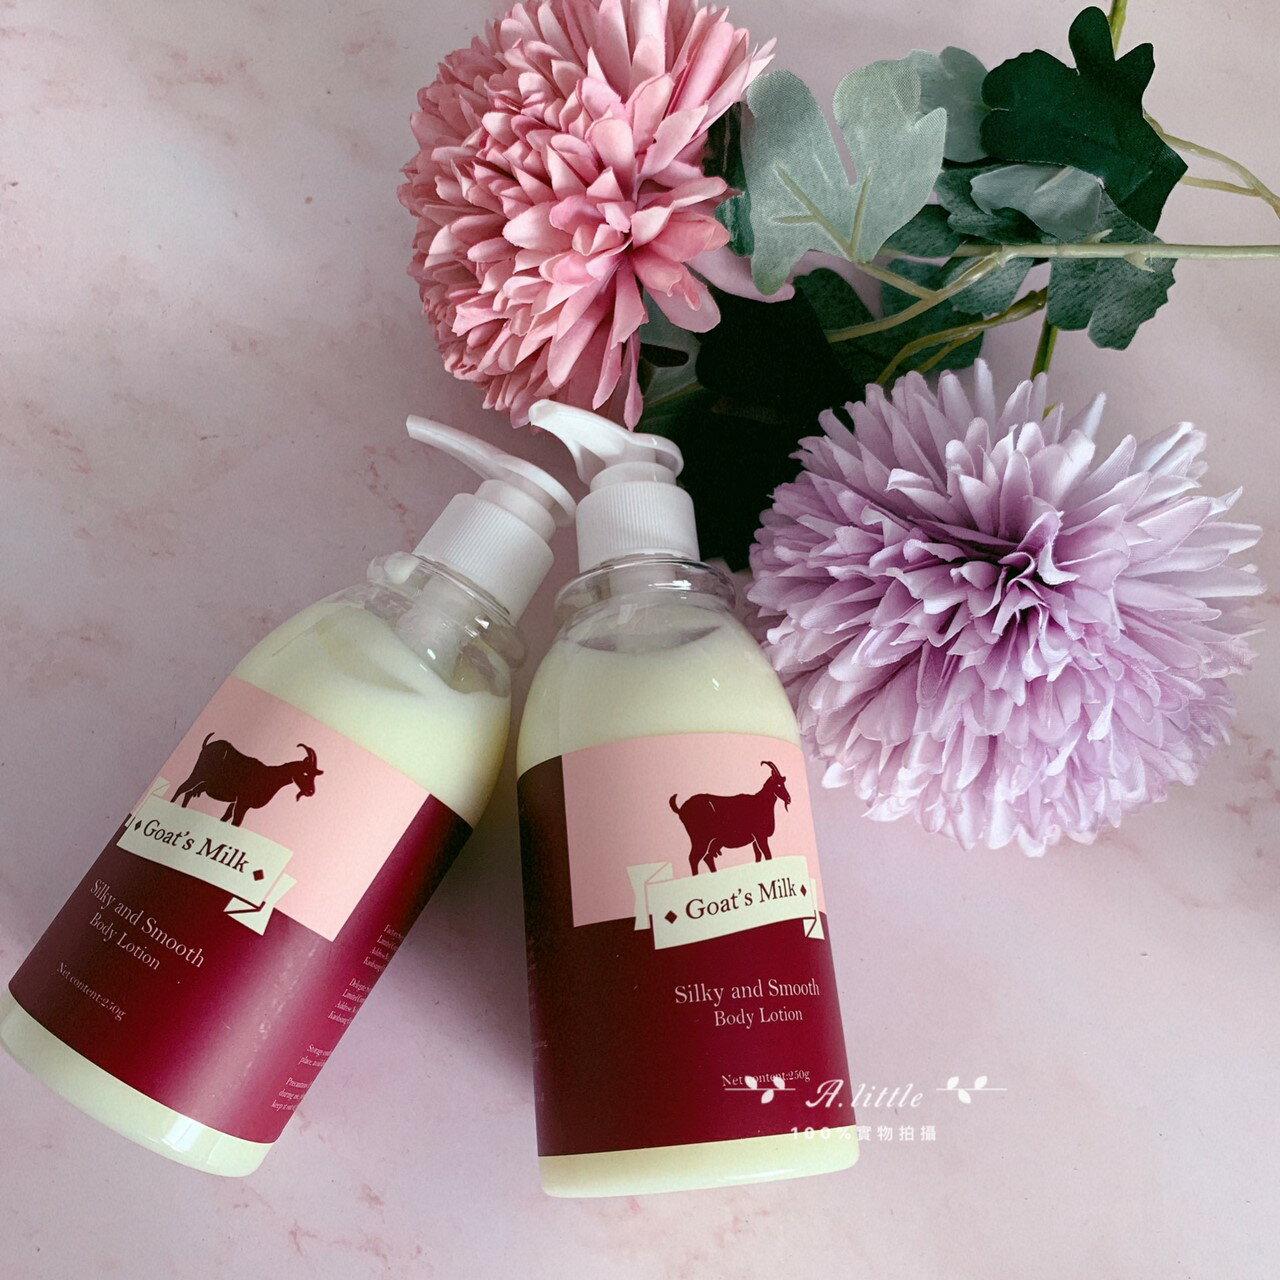 澳洲Goats Milk 新鮮初乳有機山羊奶修護乳 250ml